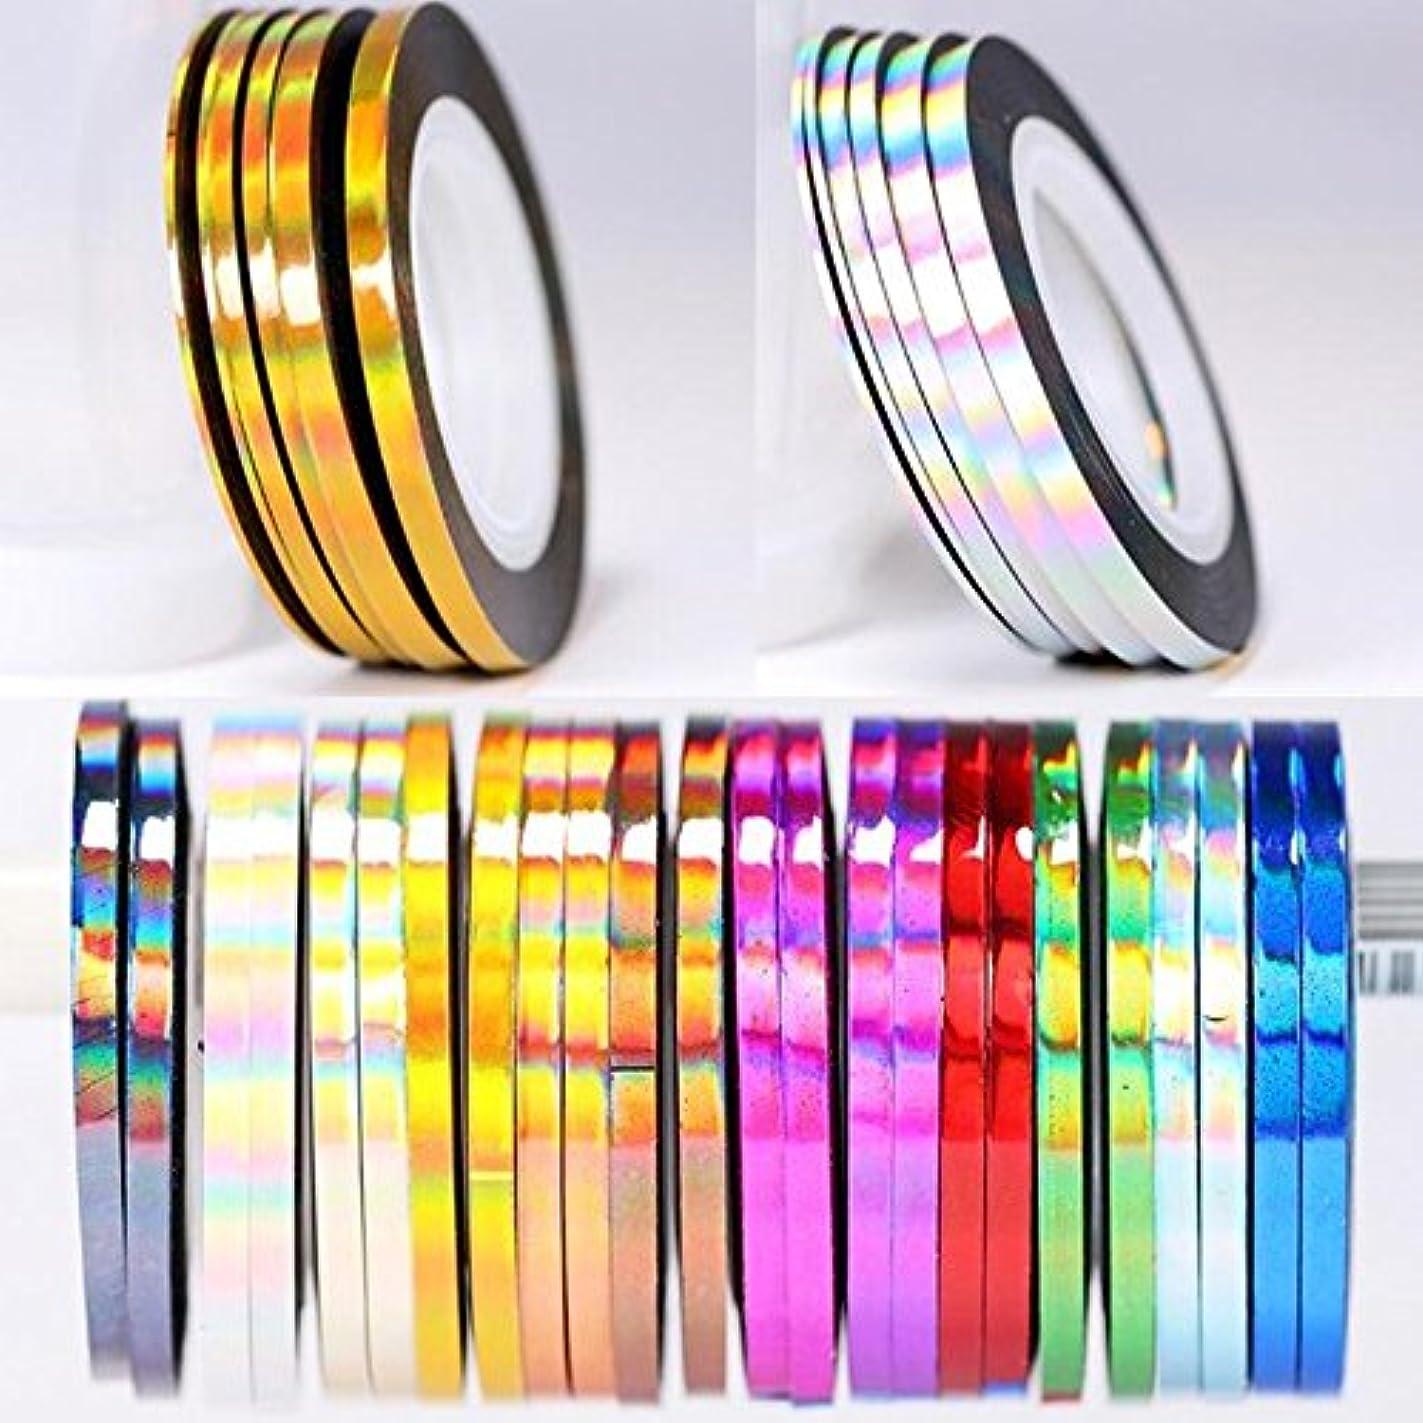 ゴールデンシロクマ書くBlueZOO (ブルーズー) レーザーラインテープ 幅0.8mm/2mm/3mm ジェルネイルアート用品 輝き ゴールド シルバー フレンチ ライン テープ ネイルシール ストライピングテープ 爪 アクセサリー